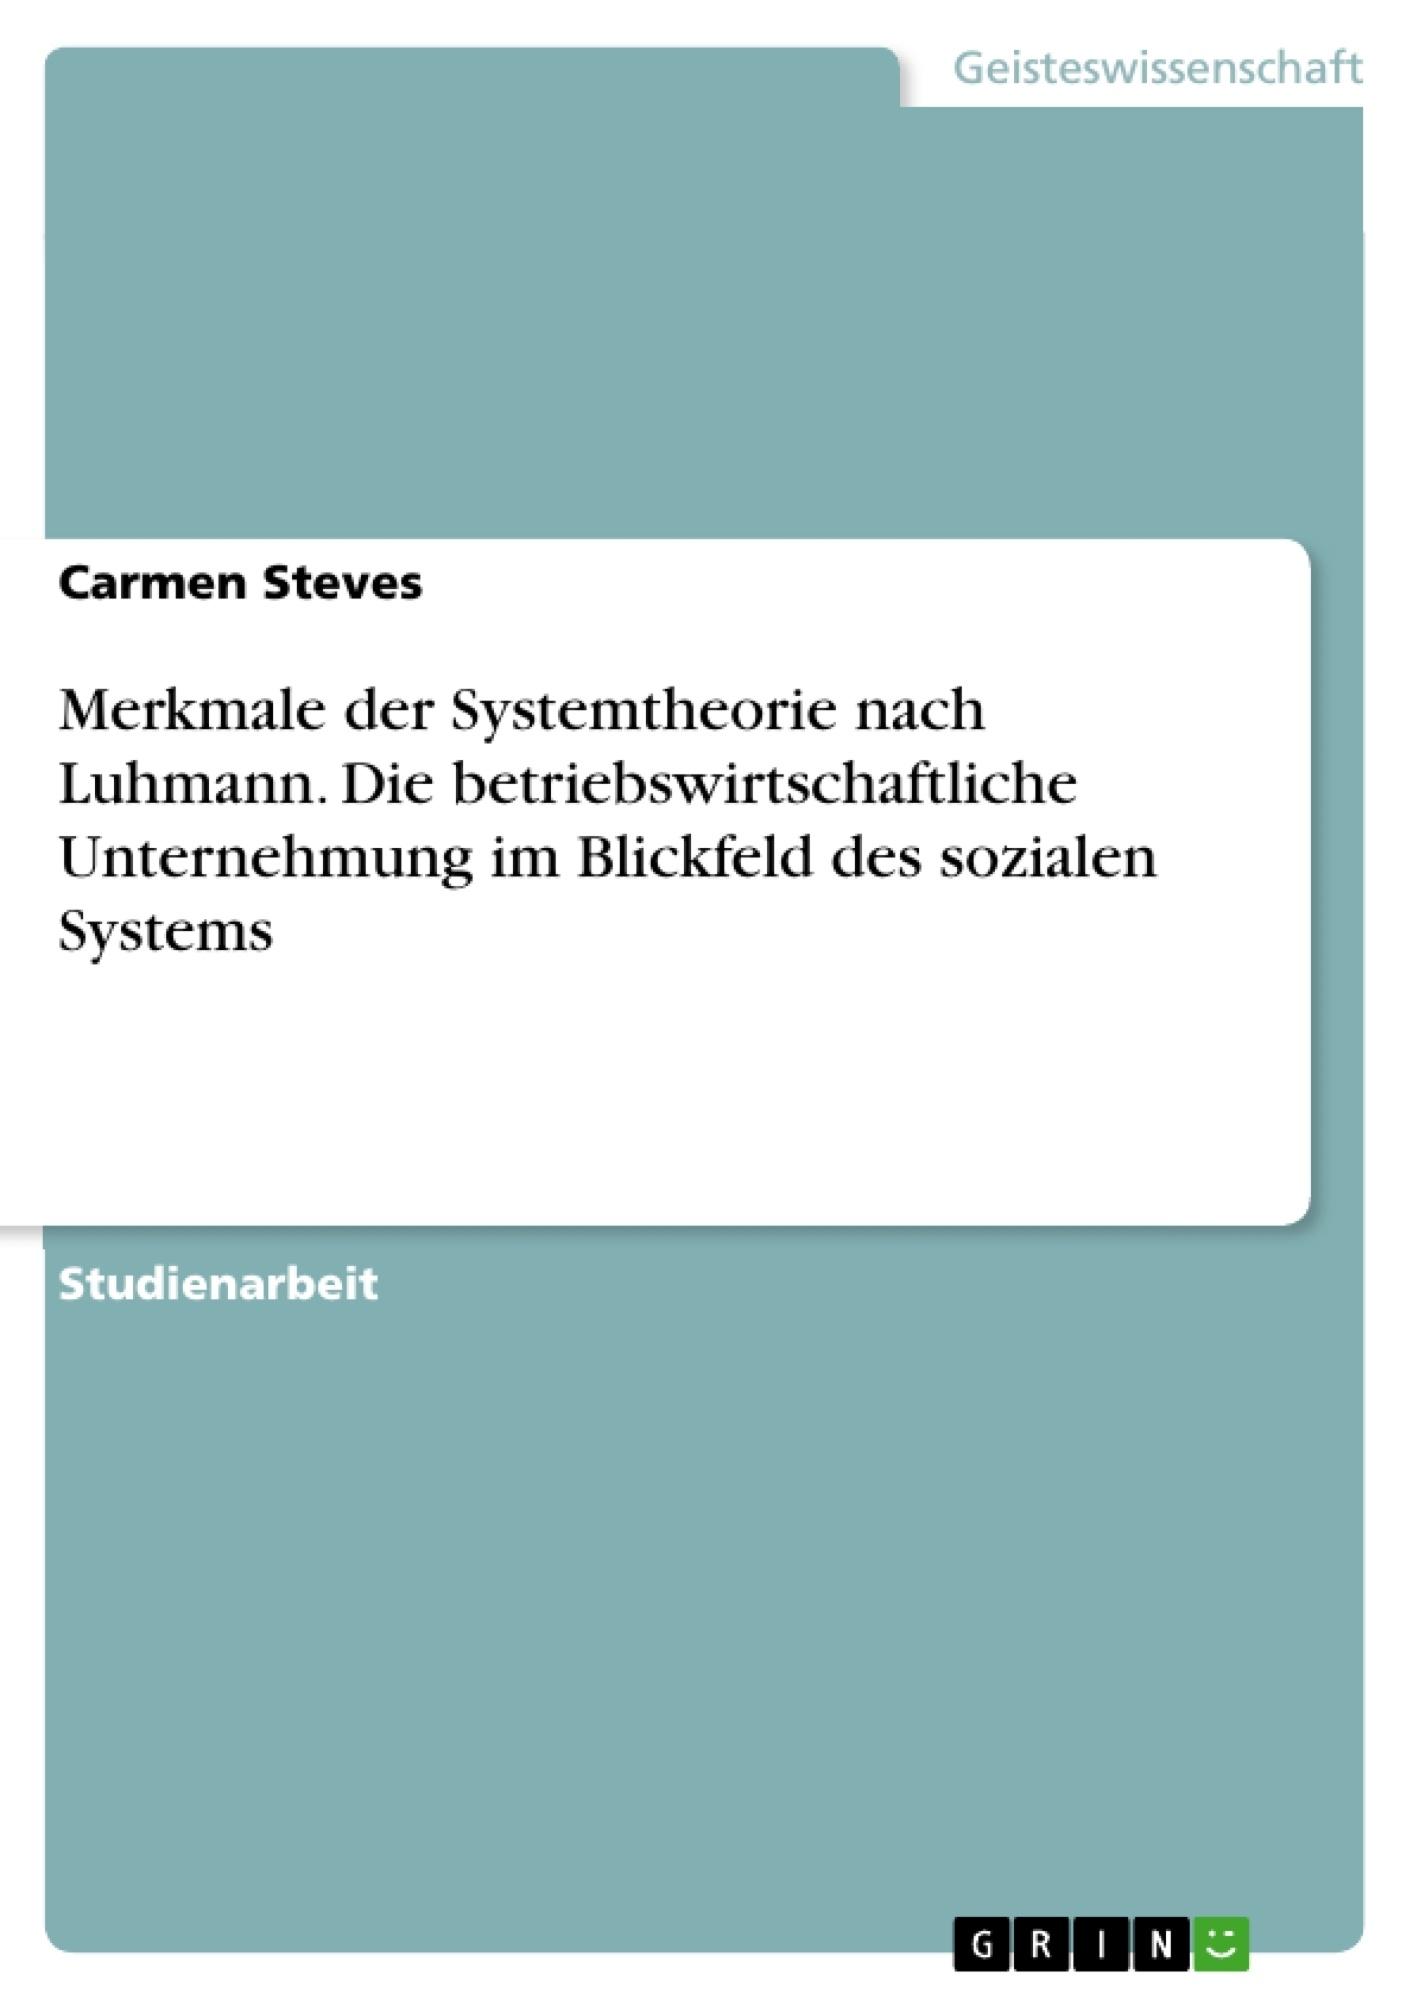 Titel: Merkmale der Systemtheorie nach Luhmann. Die betriebswirtschaftliche Unternehmung im Blickfeld des sozialen Systems